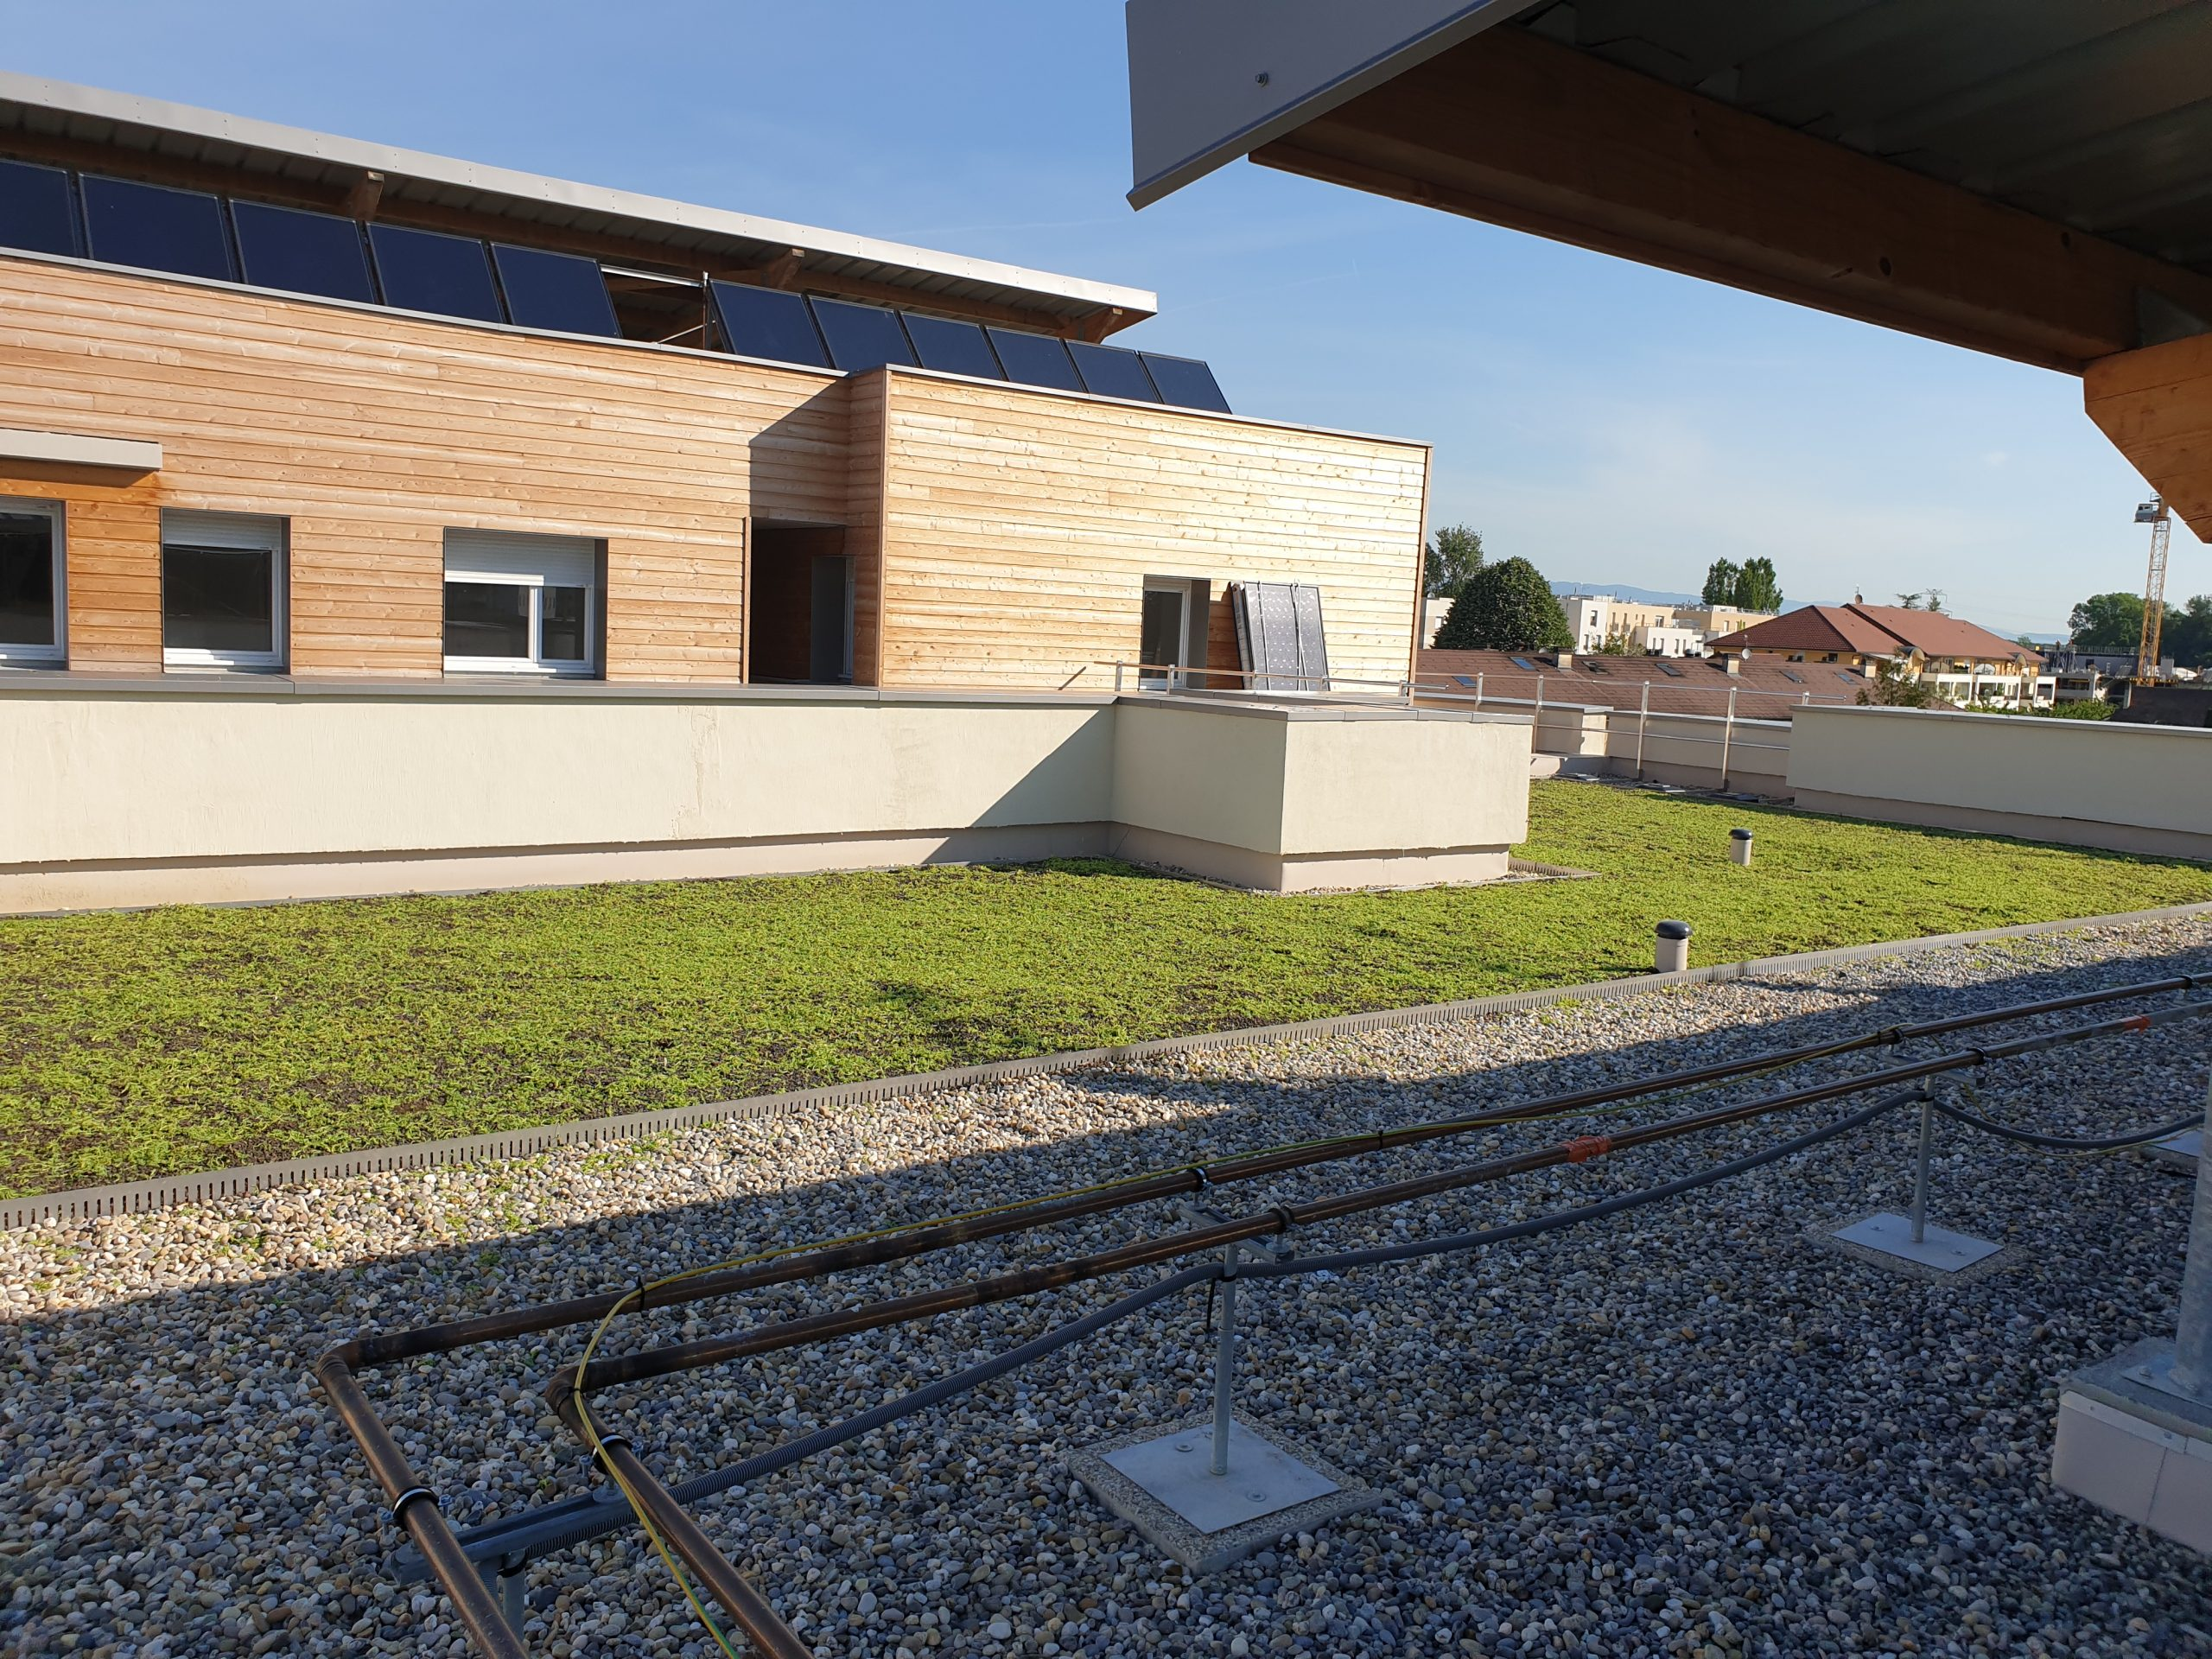 Le toit végétal, plus de fraîcheur et d'économies d'énergies